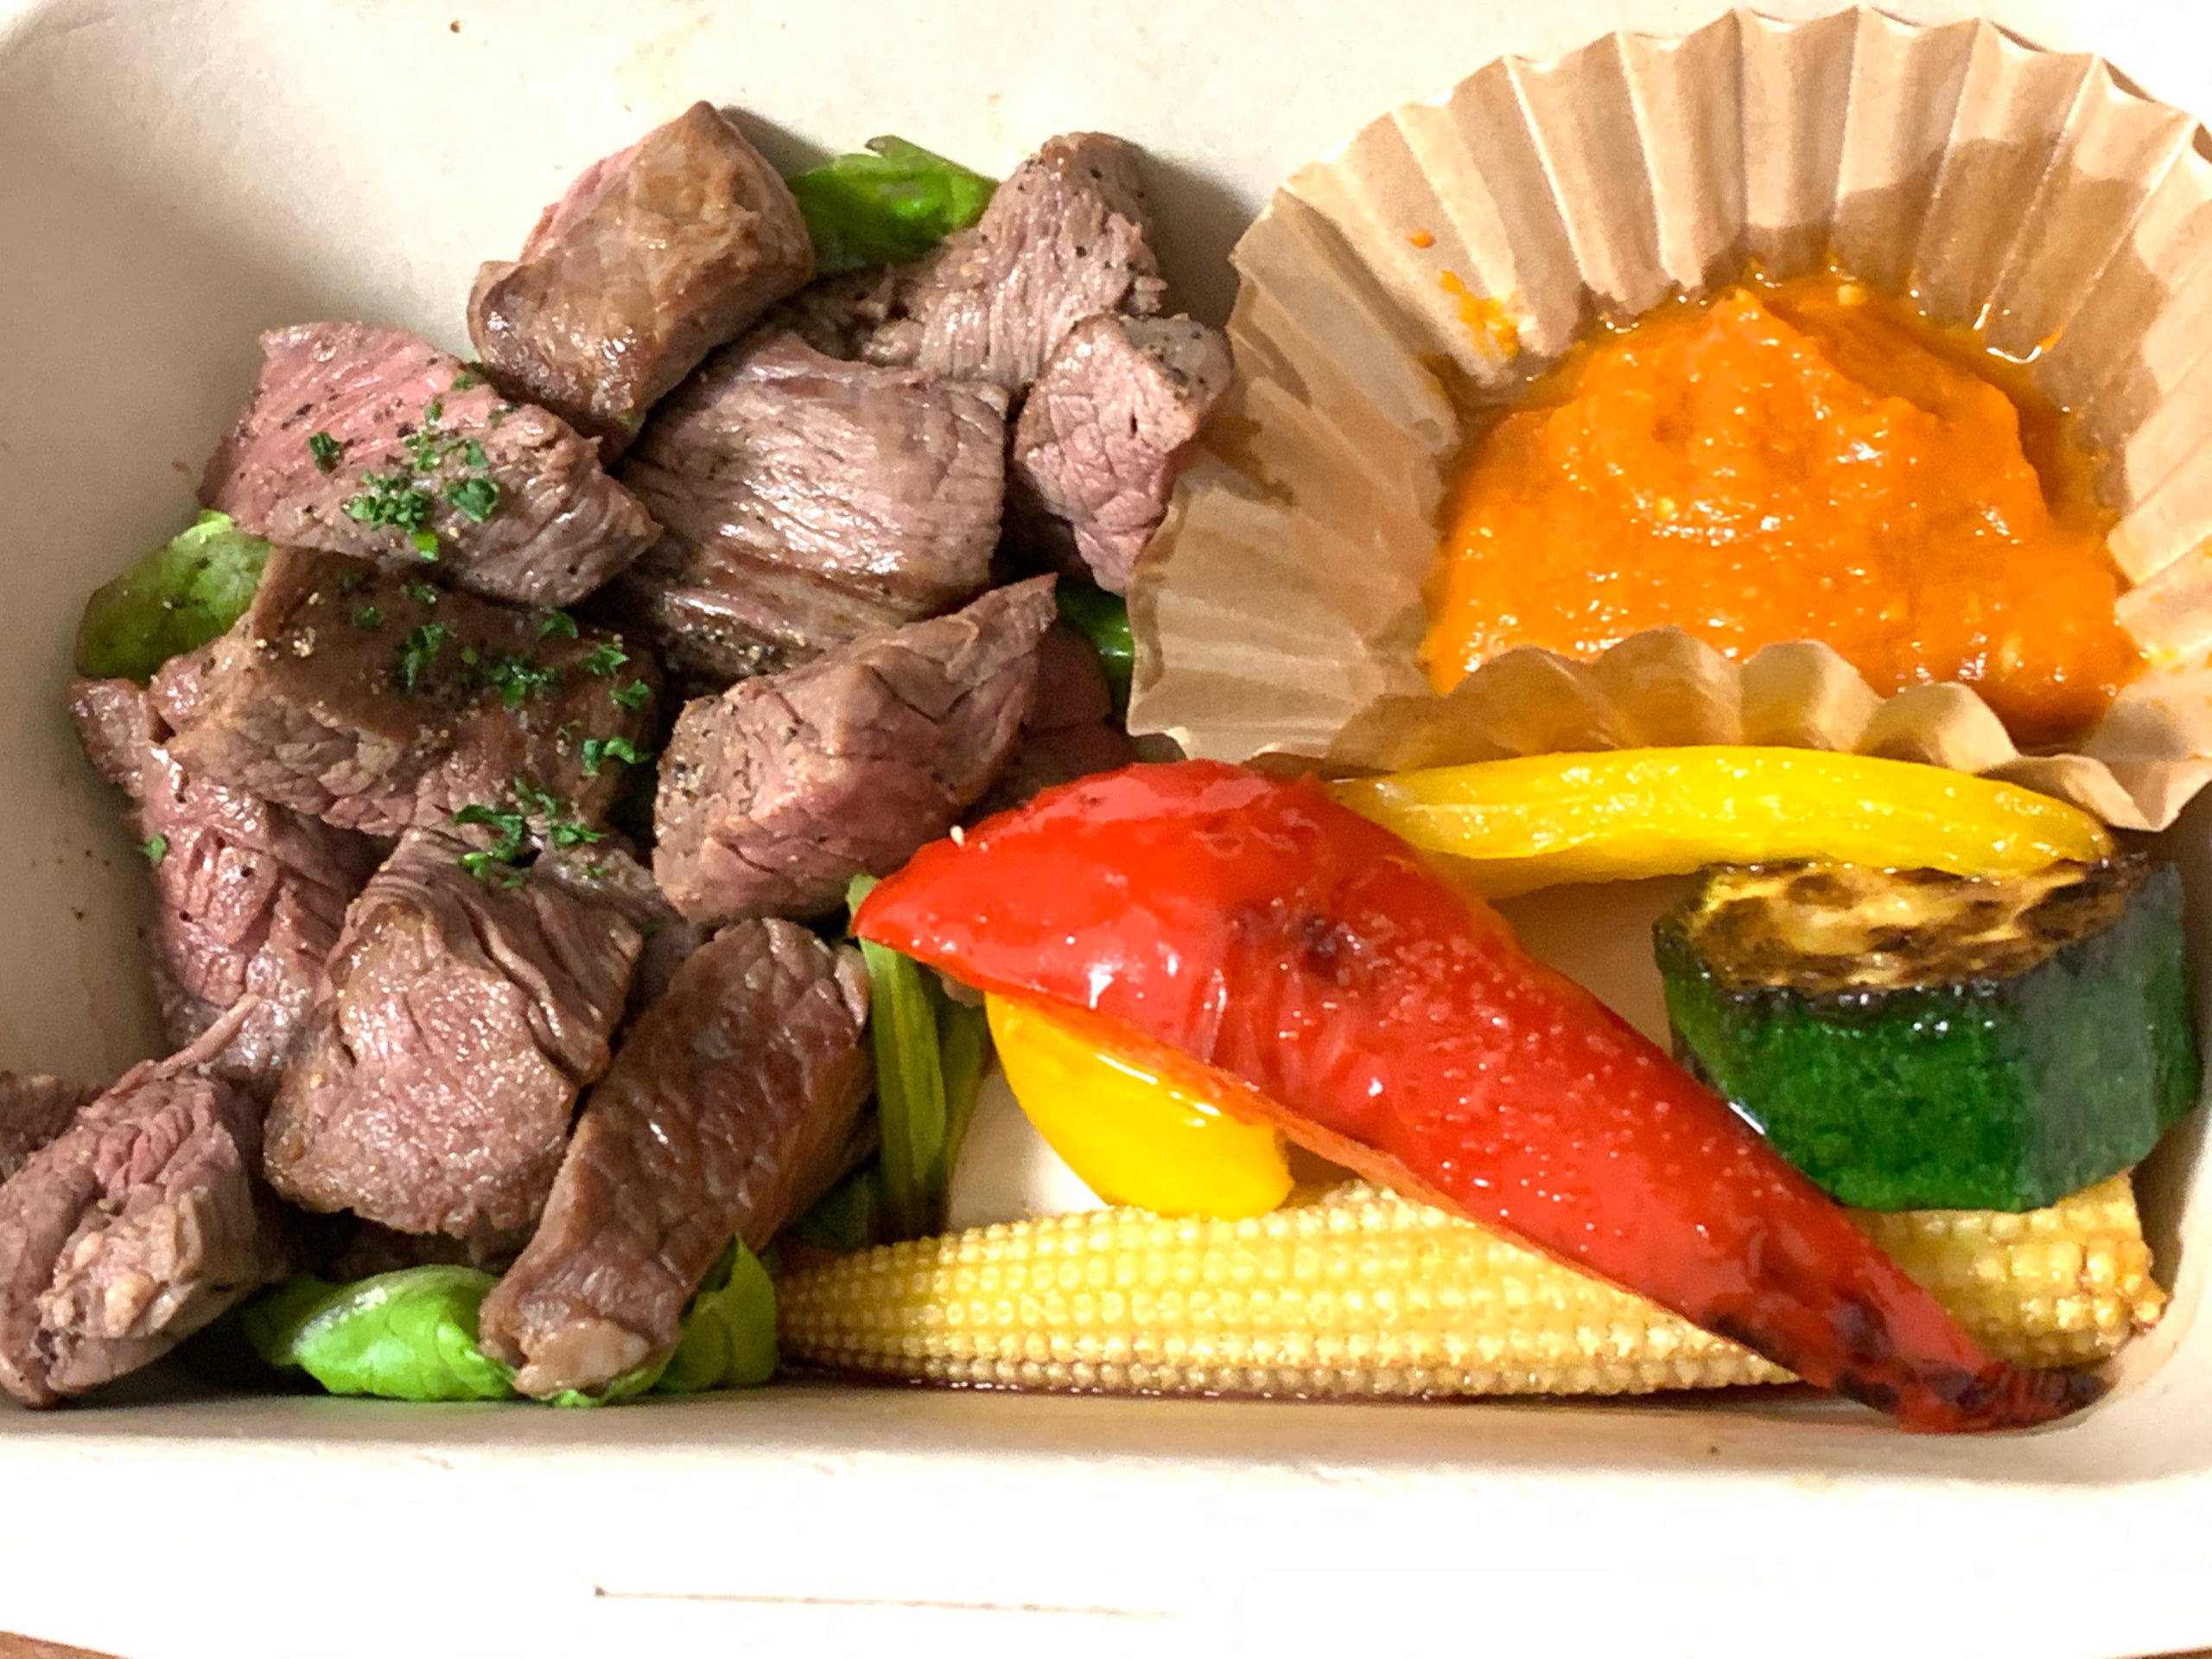 江東区の美味しいテイクアウトのイタリアン料理を頂くなら、南砂町駅近くにある「Osteria Chivo(オステリアキーヴォ)」がおすすめです